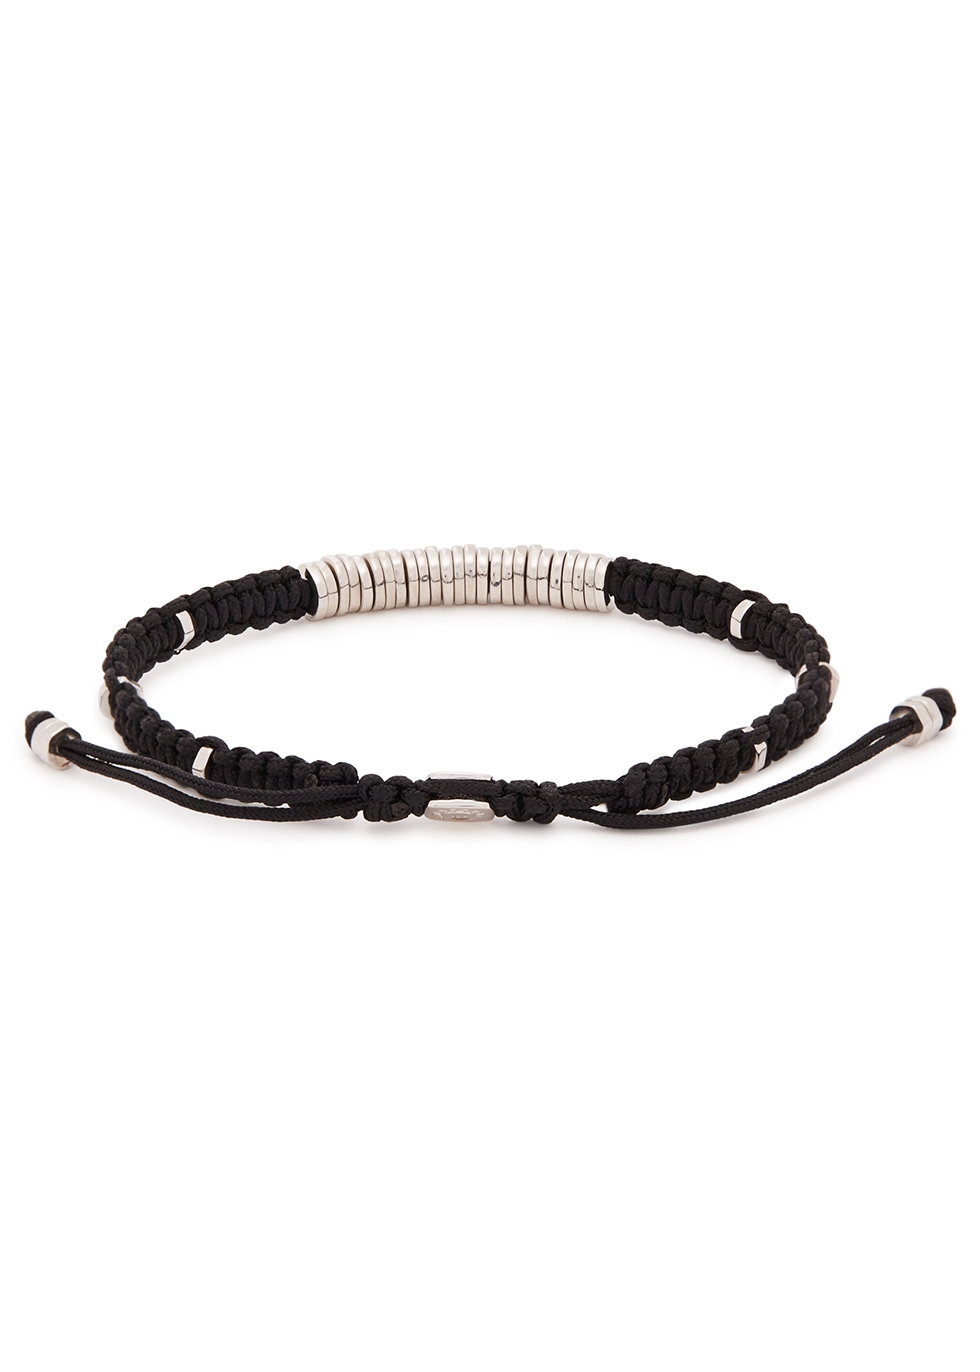 Sterling silver black woven bracelet - Tateossian